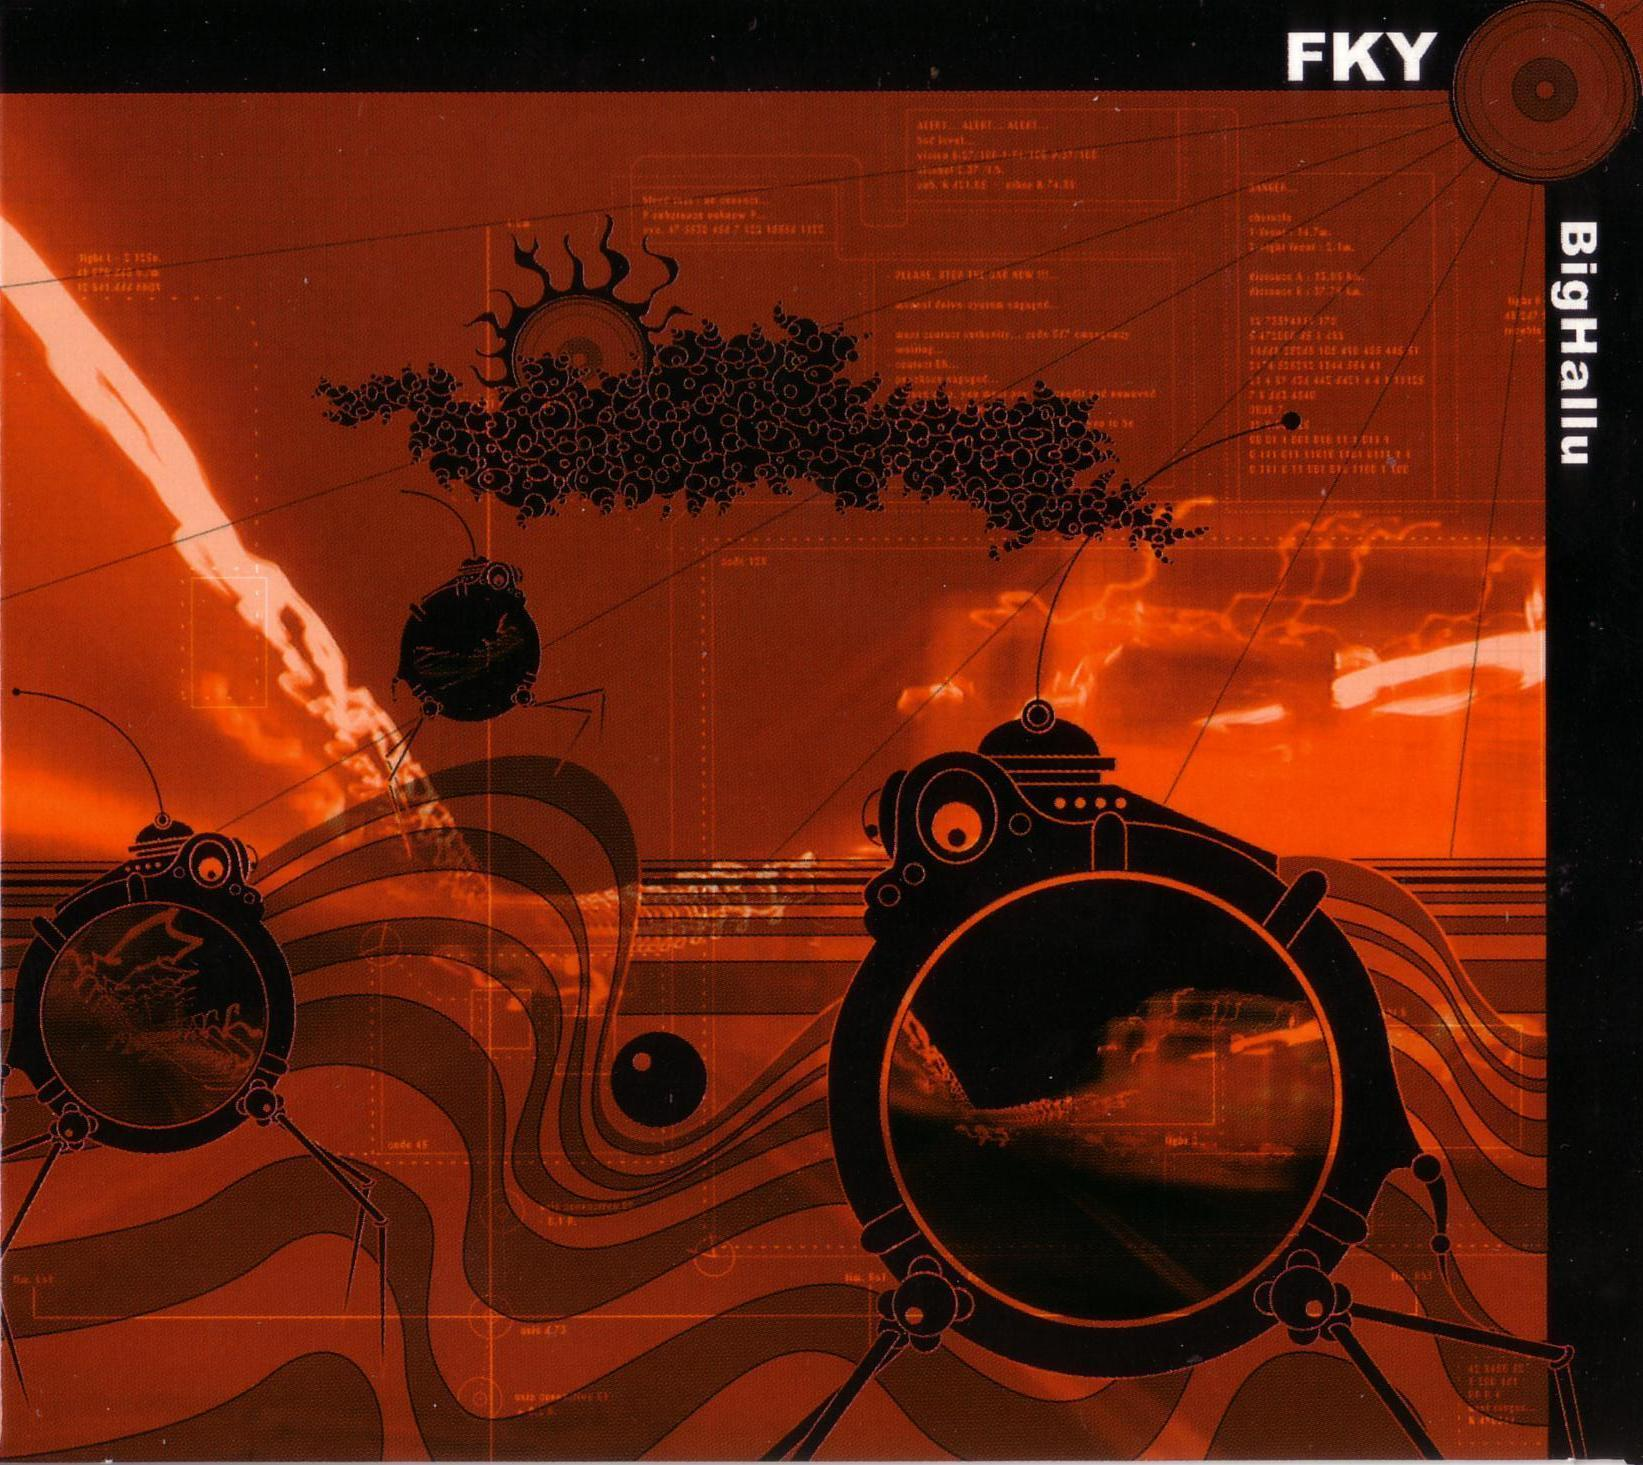 00-fky-bighallu-%28elfcd008%29-2005-front.jpg